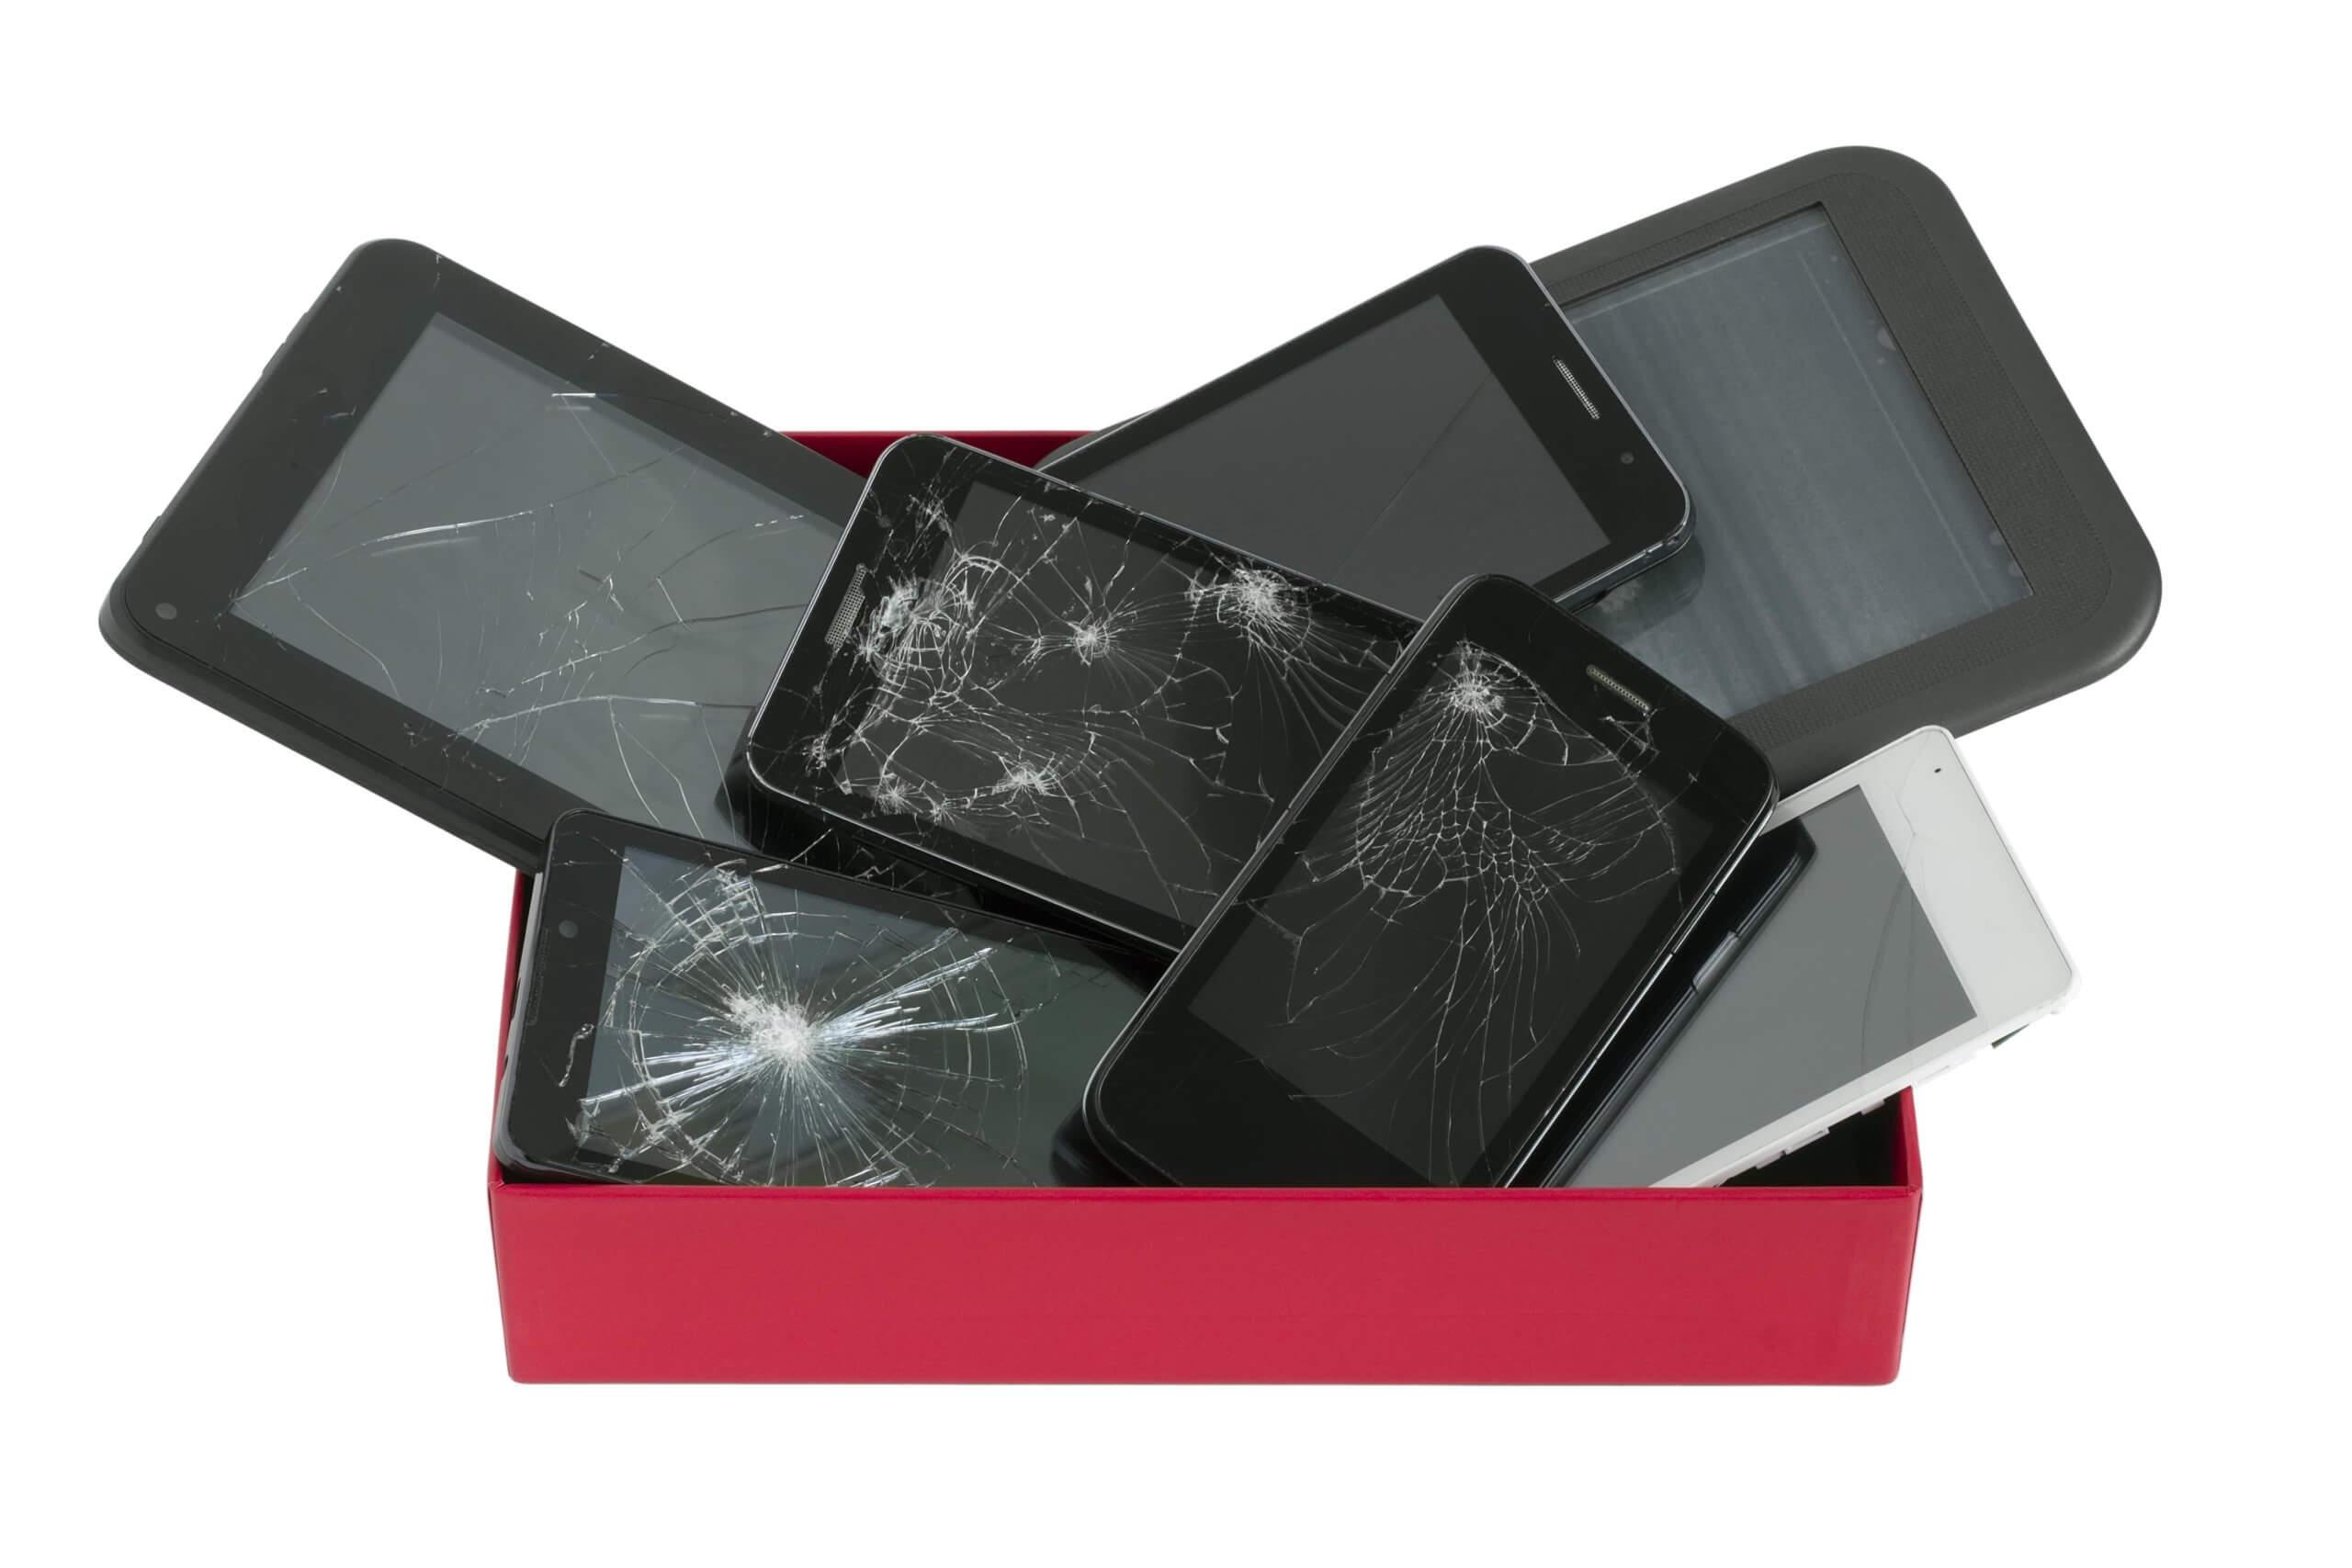 trade in broken iphone